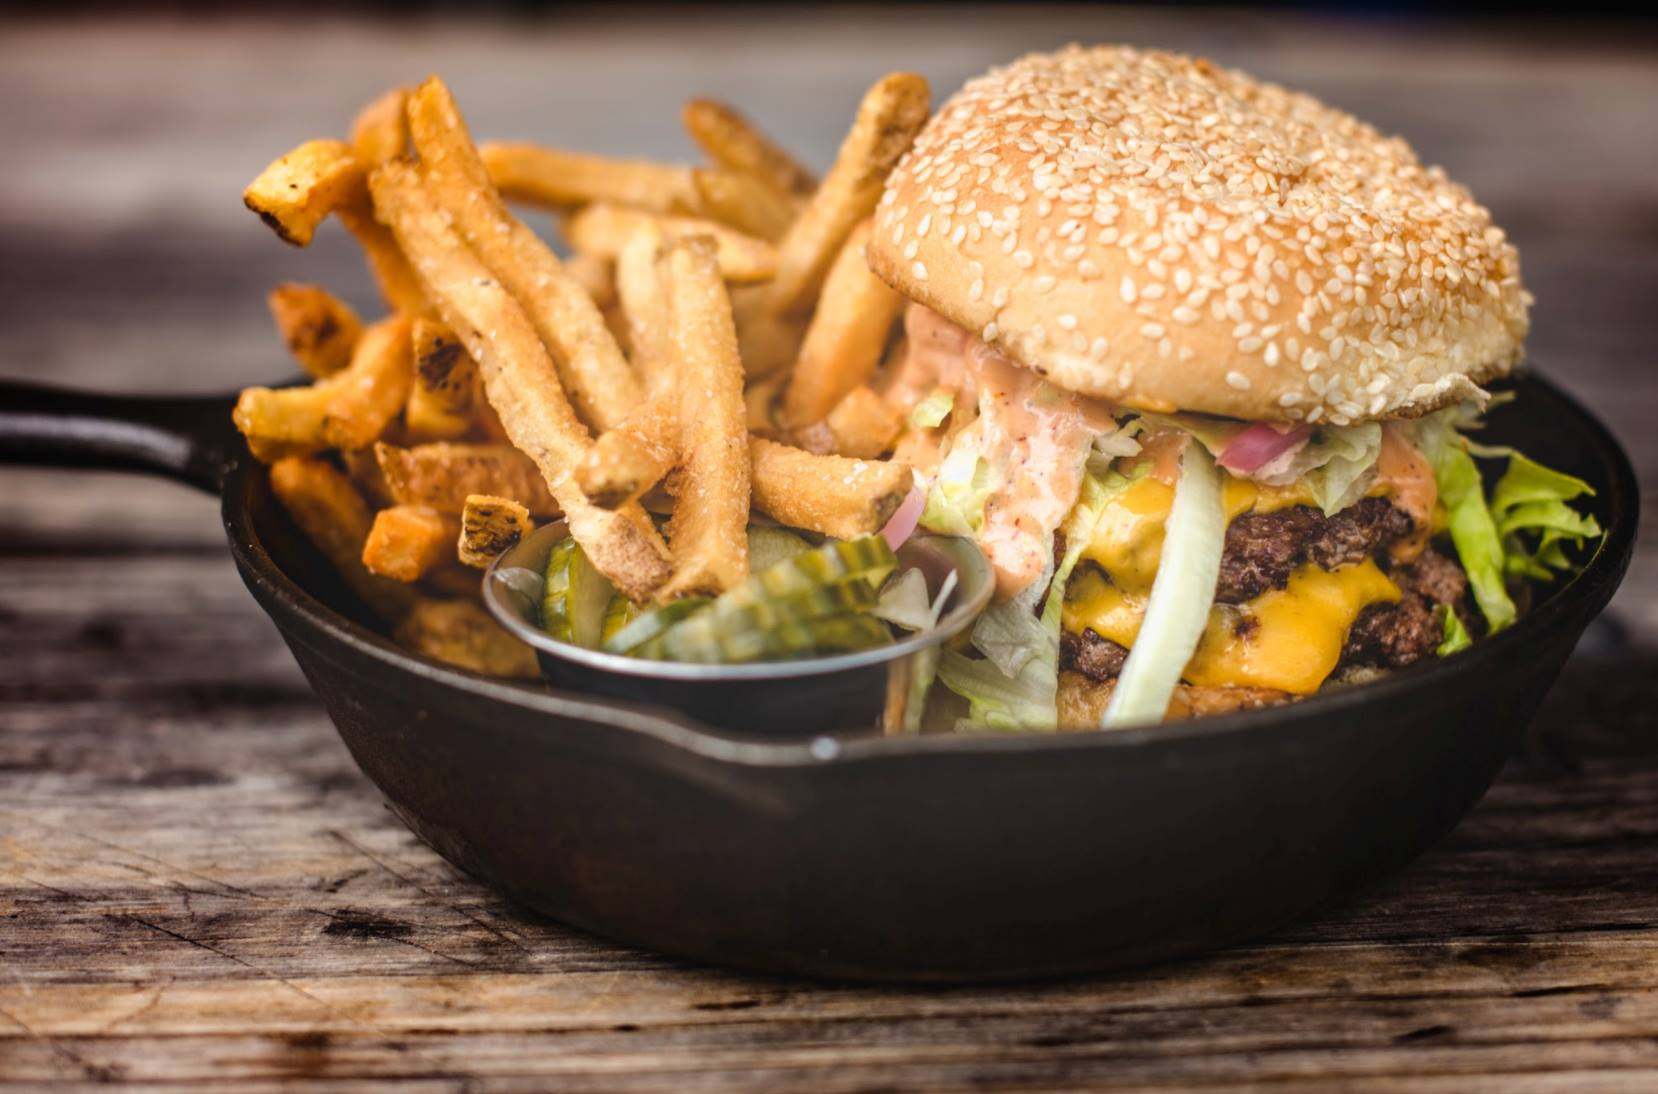 Burger and fries at Punch Bowl Social